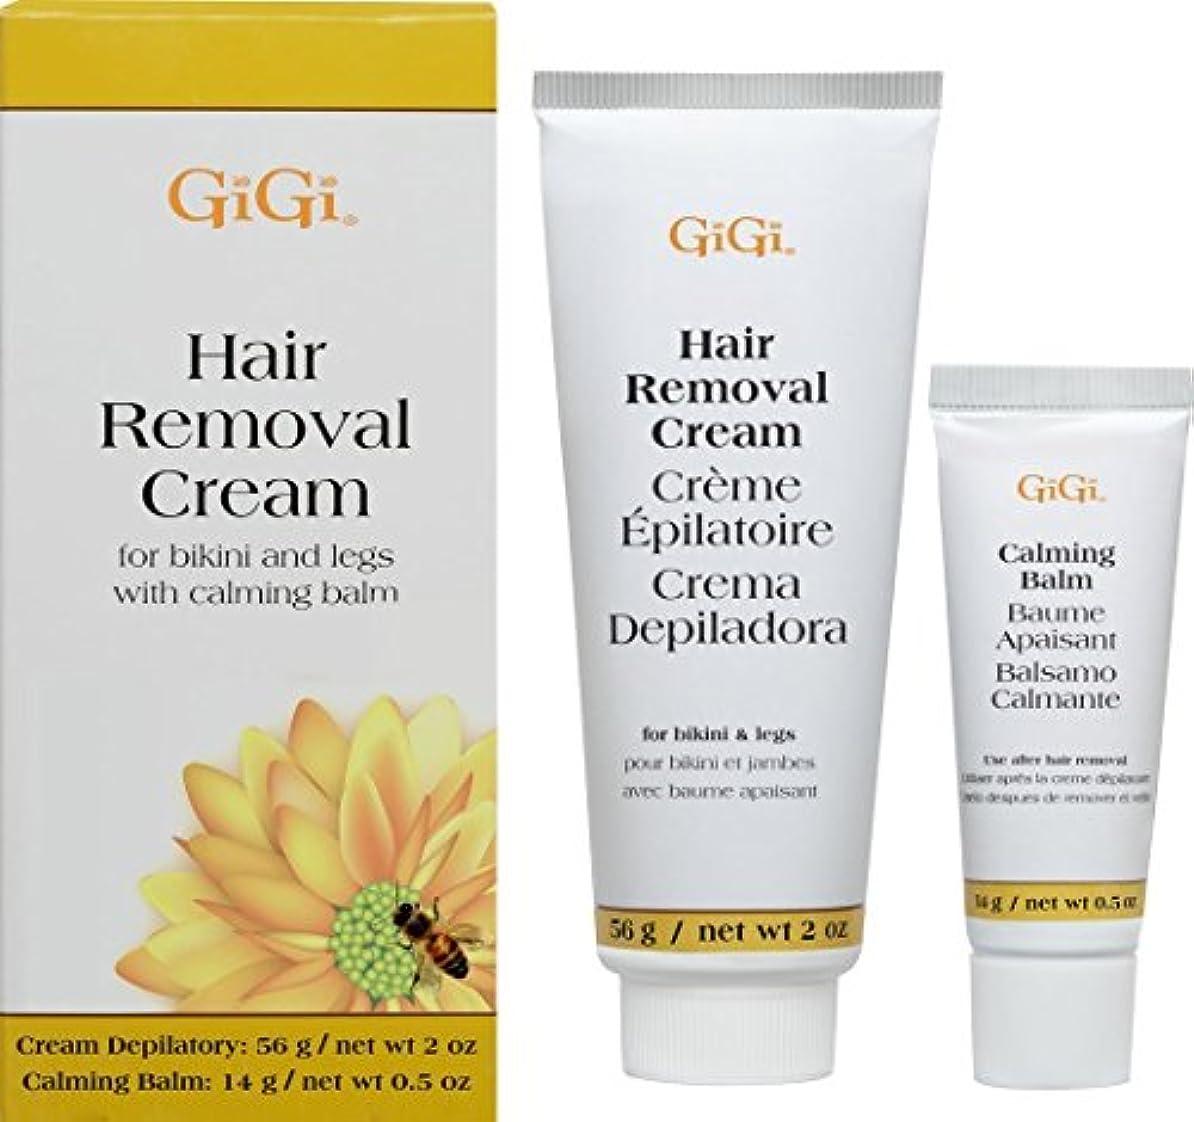 準備した領域準備した(1) - Gigi Hair Removal Cream W/Balm For Bikini & Legs